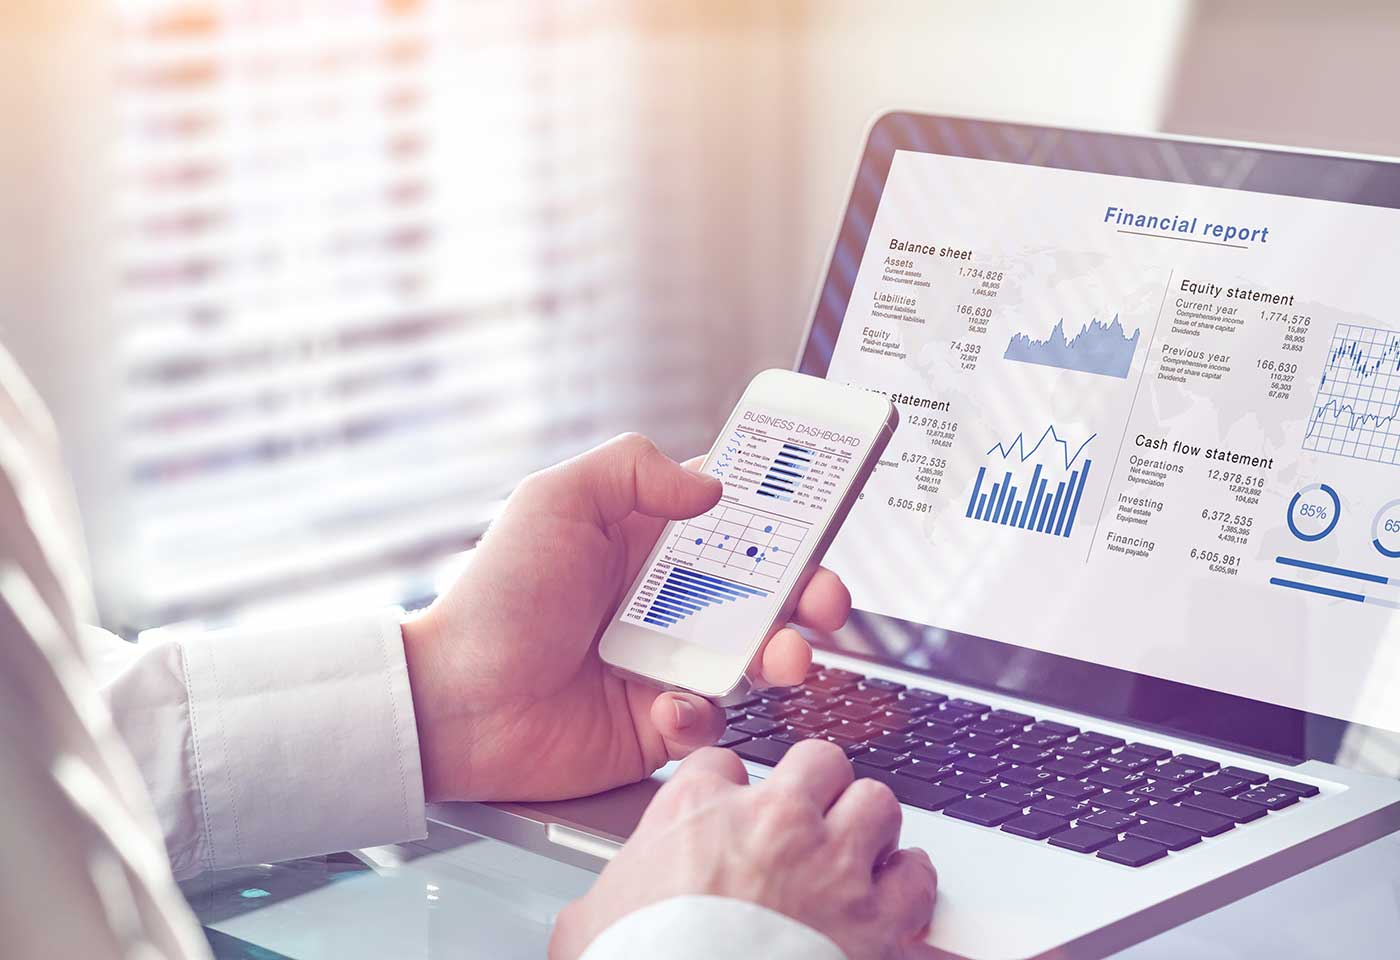 tilinpäätöksen, taseen ja kassavirran tulkitseminen muodostaa perusteet organisaation talouden ymmärtämiselle